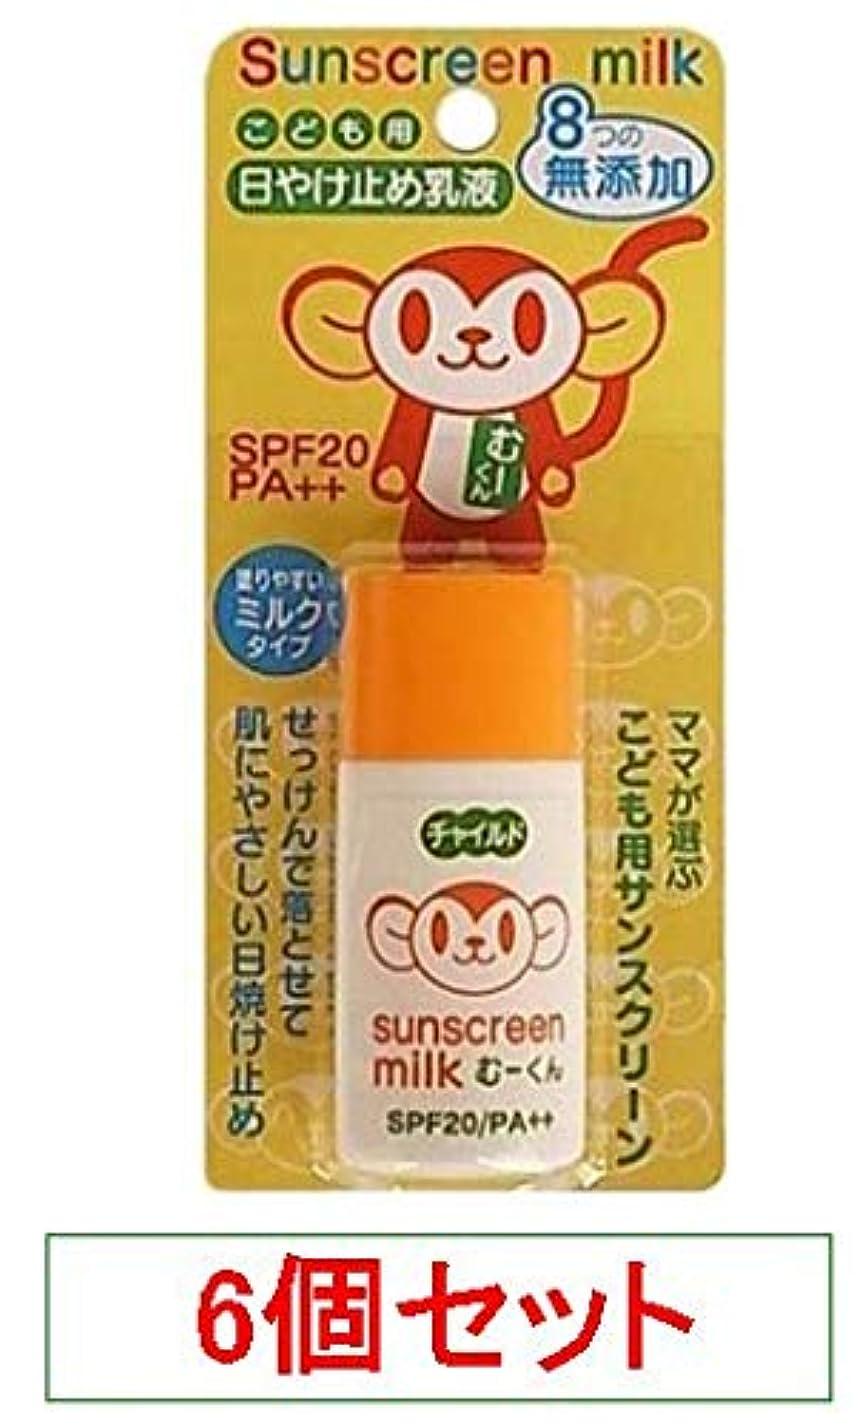 アイデア教えてあなたはハイム こども用日やけ止め乳液 サンスクリーンミルク SPF20 PA++ 25ml X6個セット